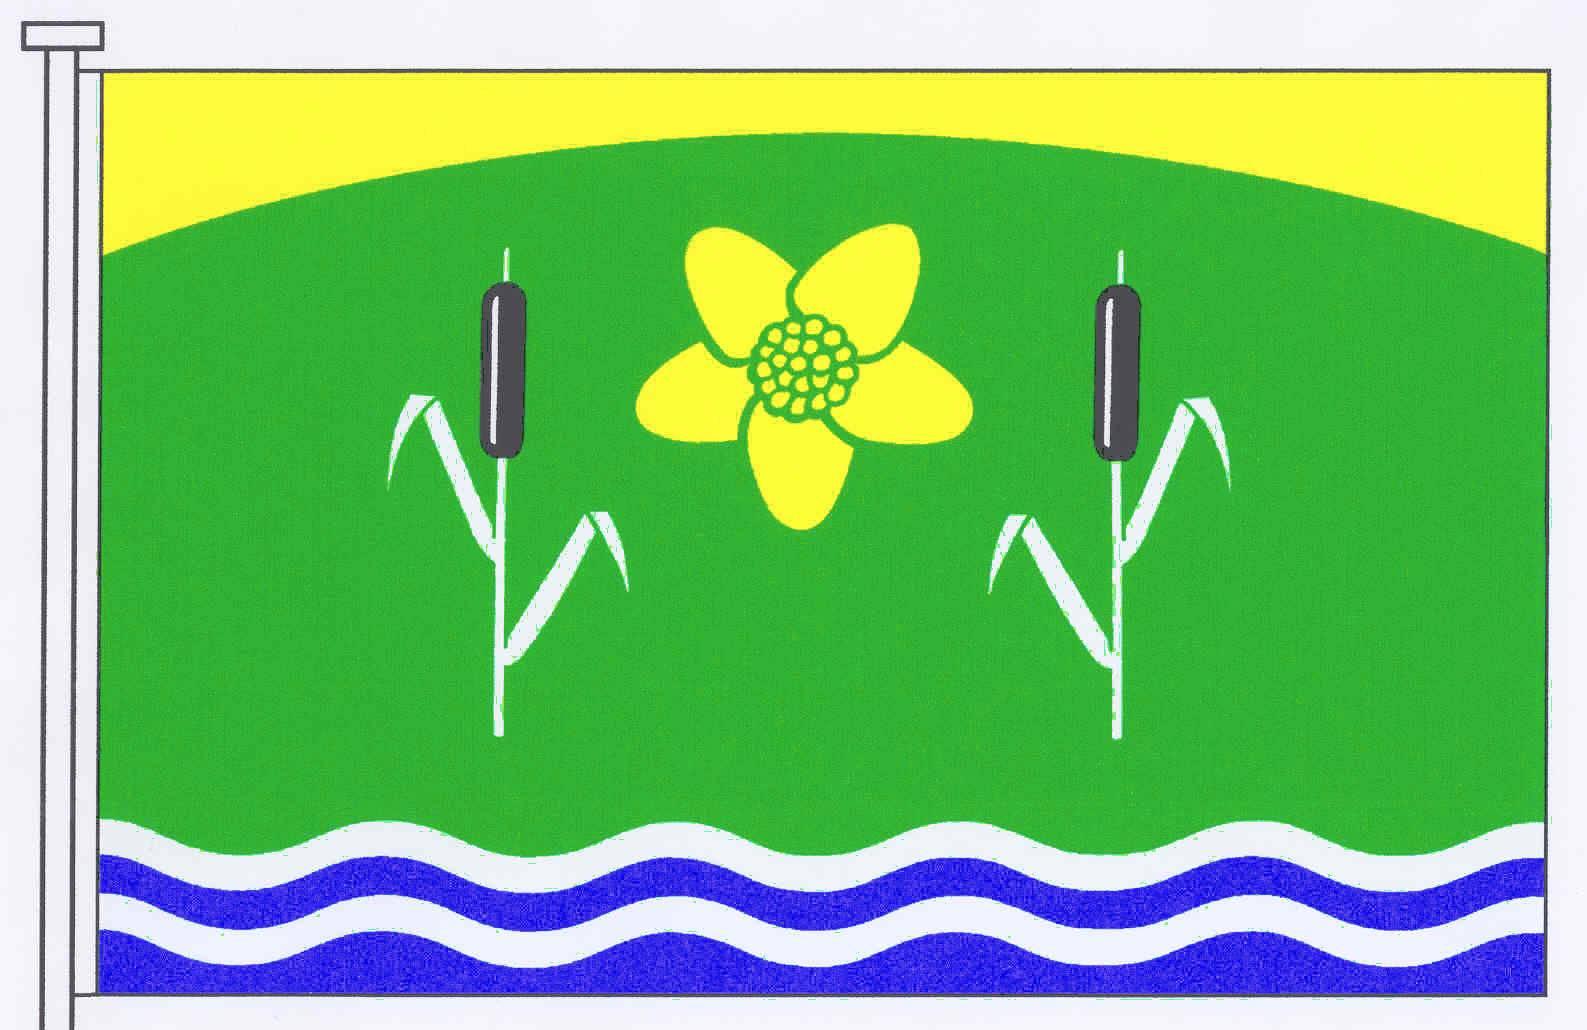 Flagge GemeindeBebensee, Kreis Segeberg